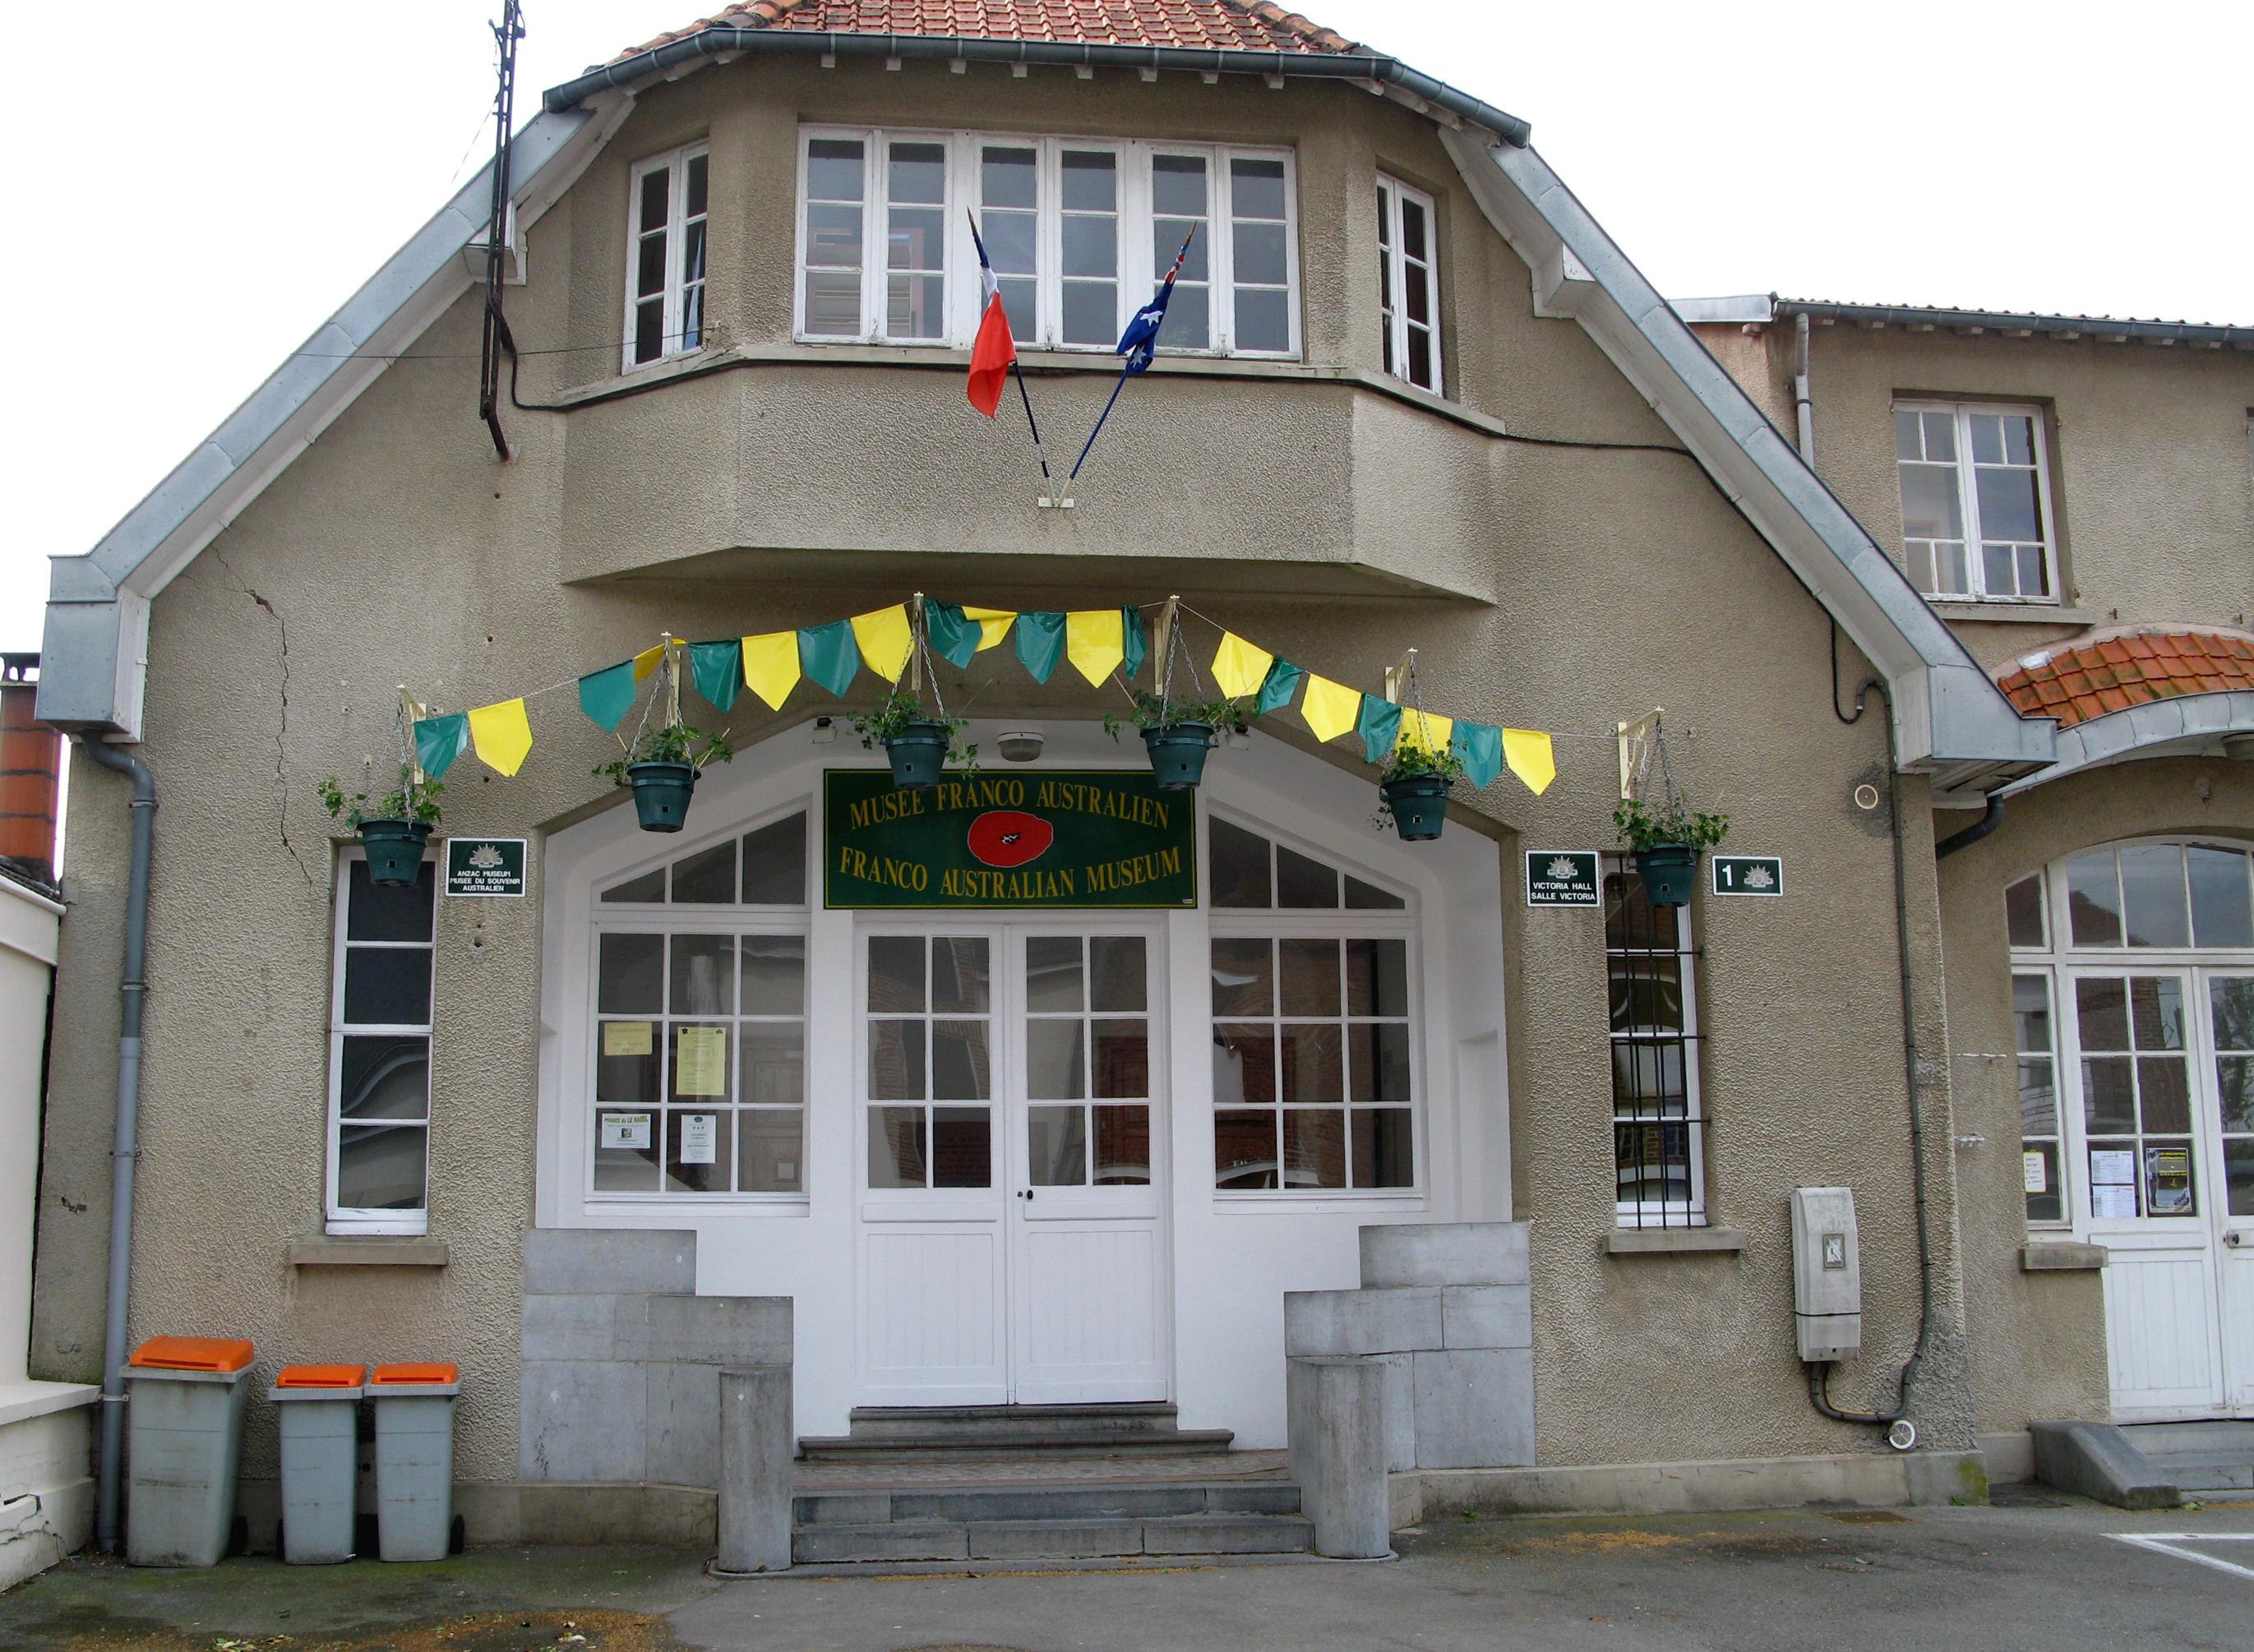 Villers-Bretonneux_musée_franco-australien_1